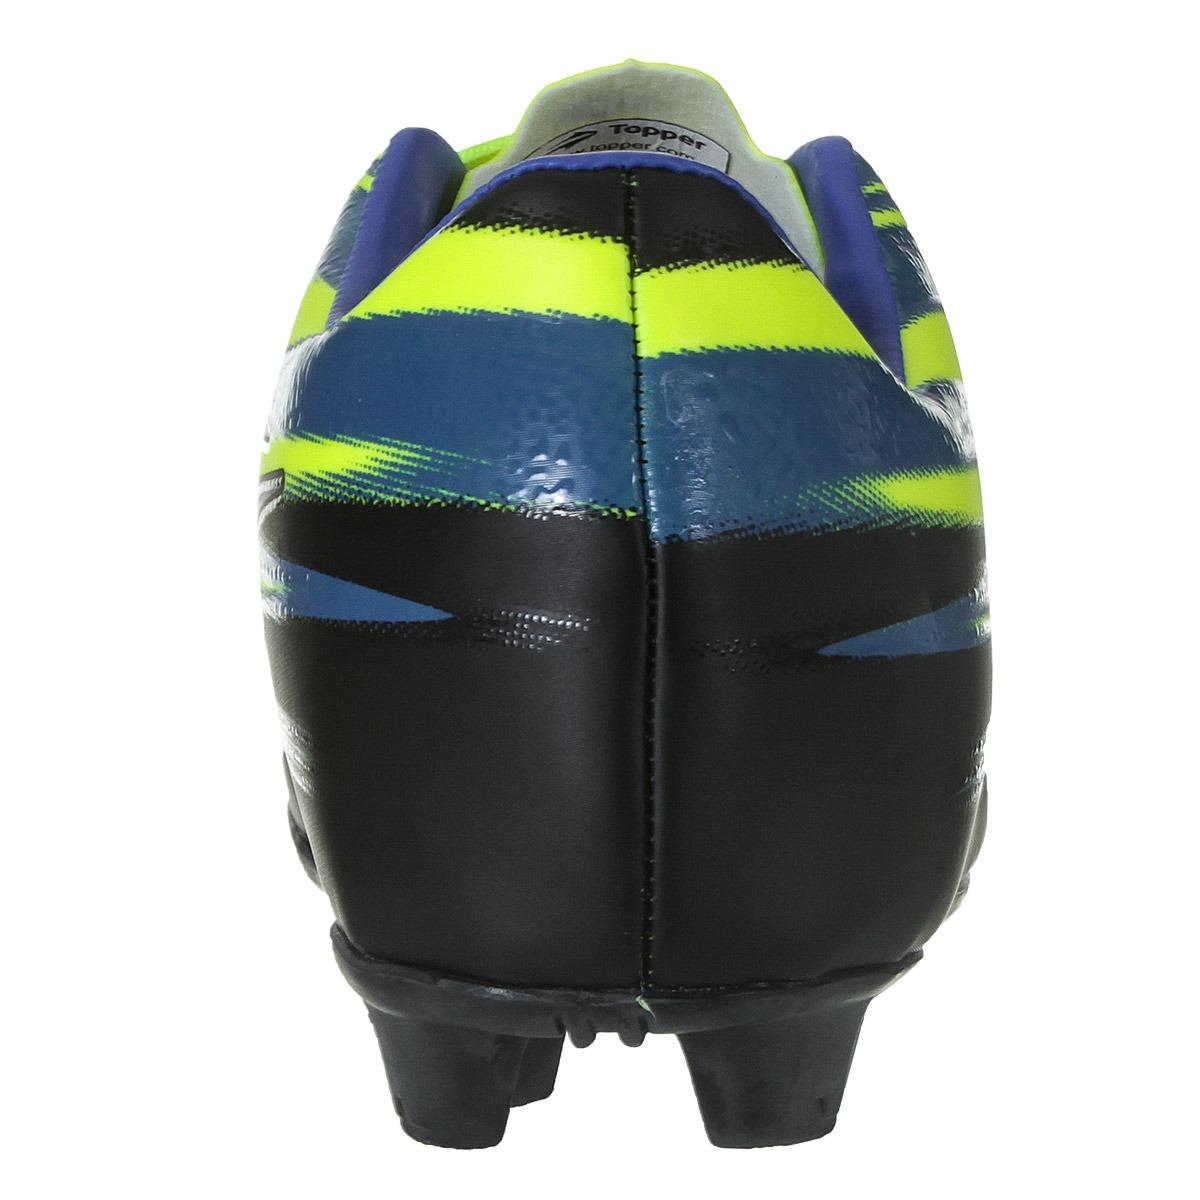 18cc70d2b4257 Chuteira Campo Topper Vector 2 Masculino - R$ 149,90 em Mercado Livre